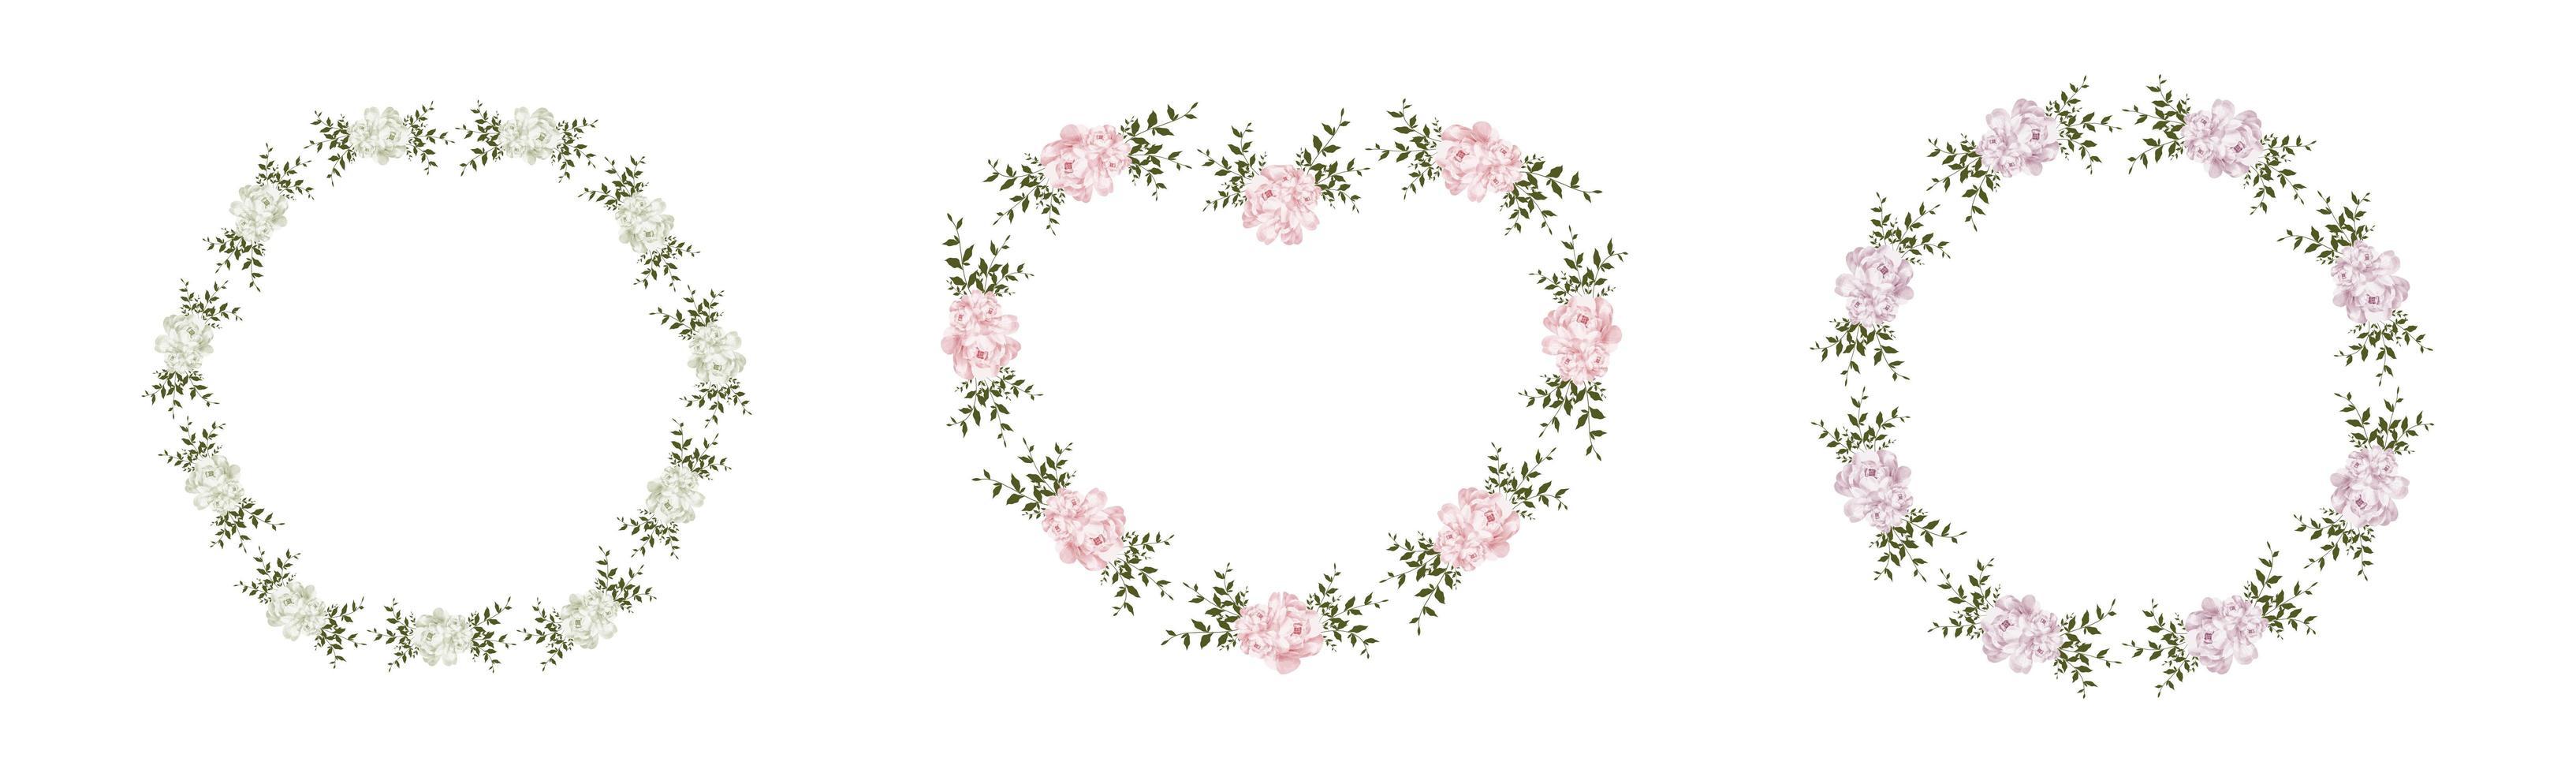 Blumenrahmen gesetzt vektor